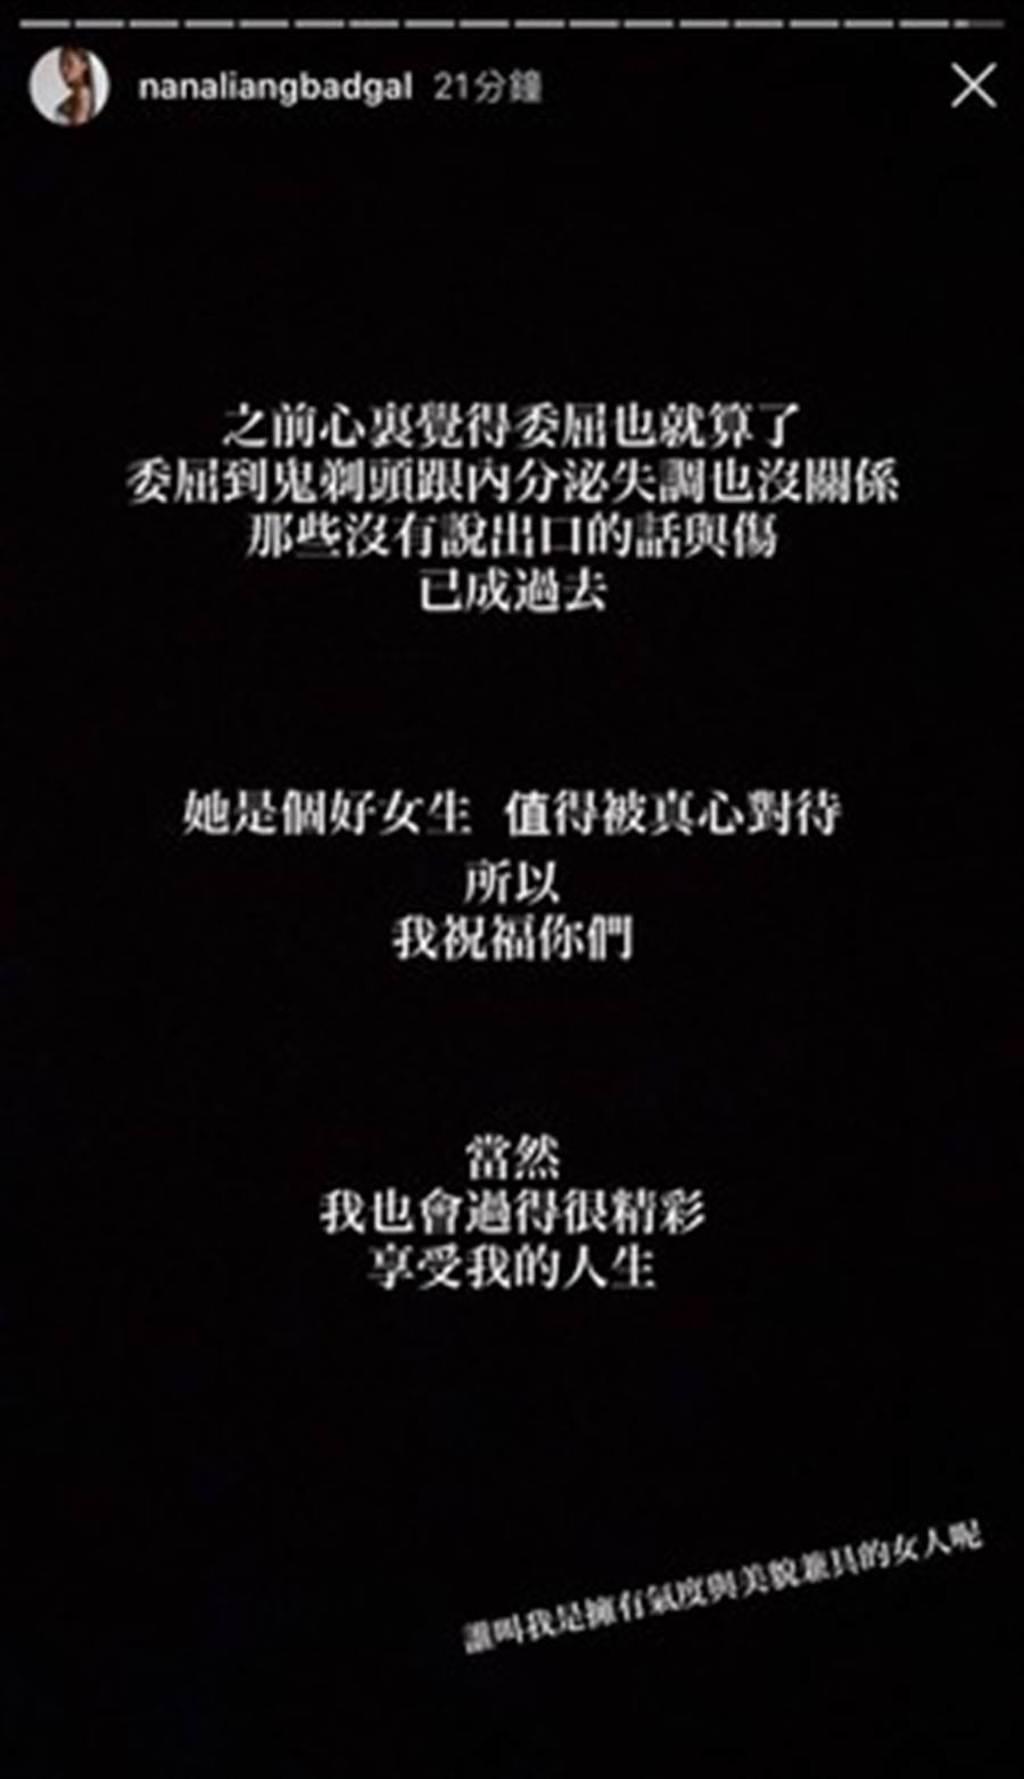 梁云菲IG限動發文。(圖/翻攝自IG)